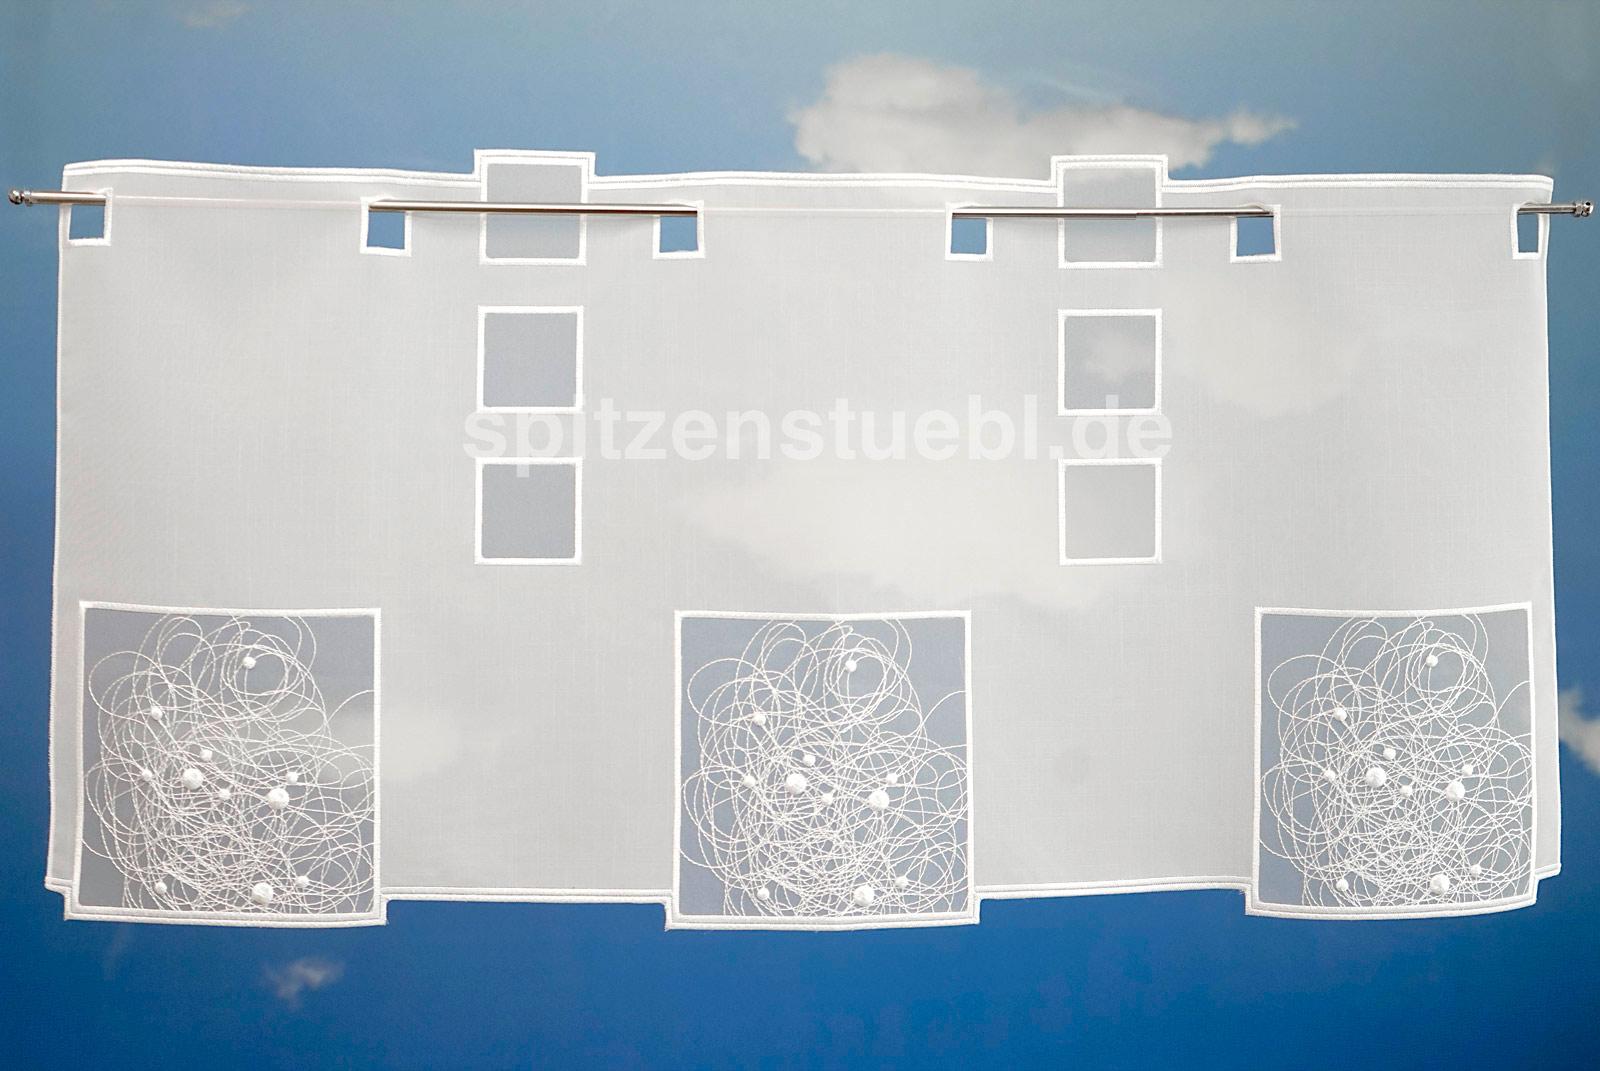 Full Size of Moderne Küchenvorhänge Kurzgardinen Schneeballspitze Plauener Spitze Scheibengardinen Modernes Bett 180x200 Deckenleuchte Wohnzimmer Landhausküche Duschen Wohnzimmer Moderne Küchenvorhänge